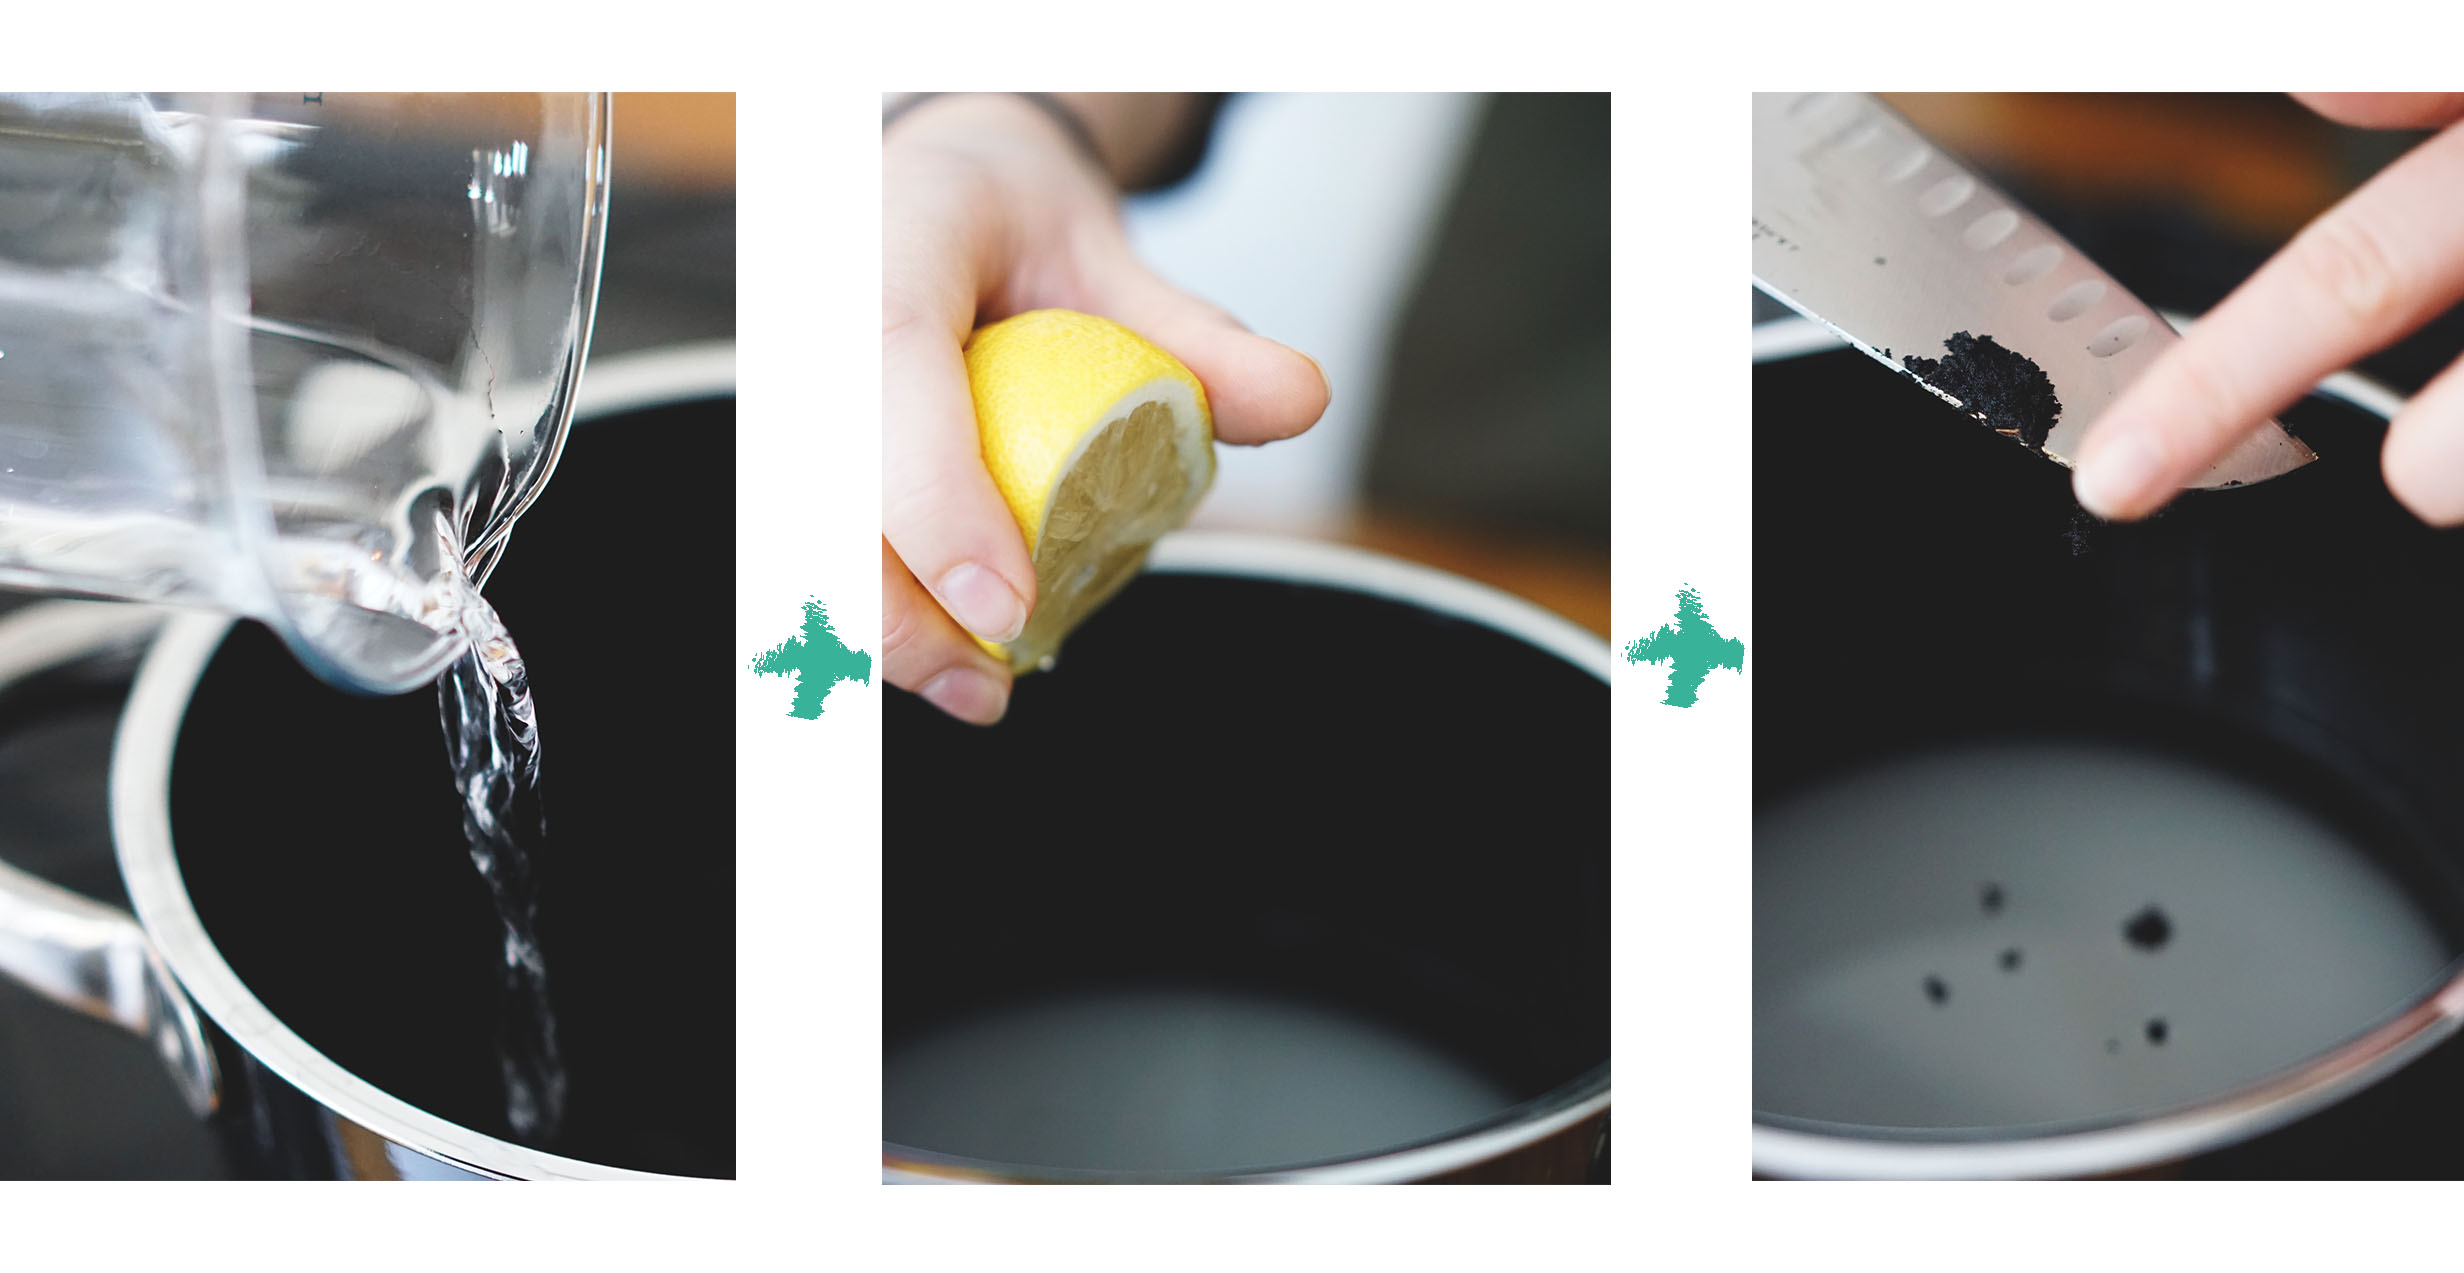 vanille-sirup-zuberietungZeichenflache-1-Kopie-32FRNENoE2WYdk